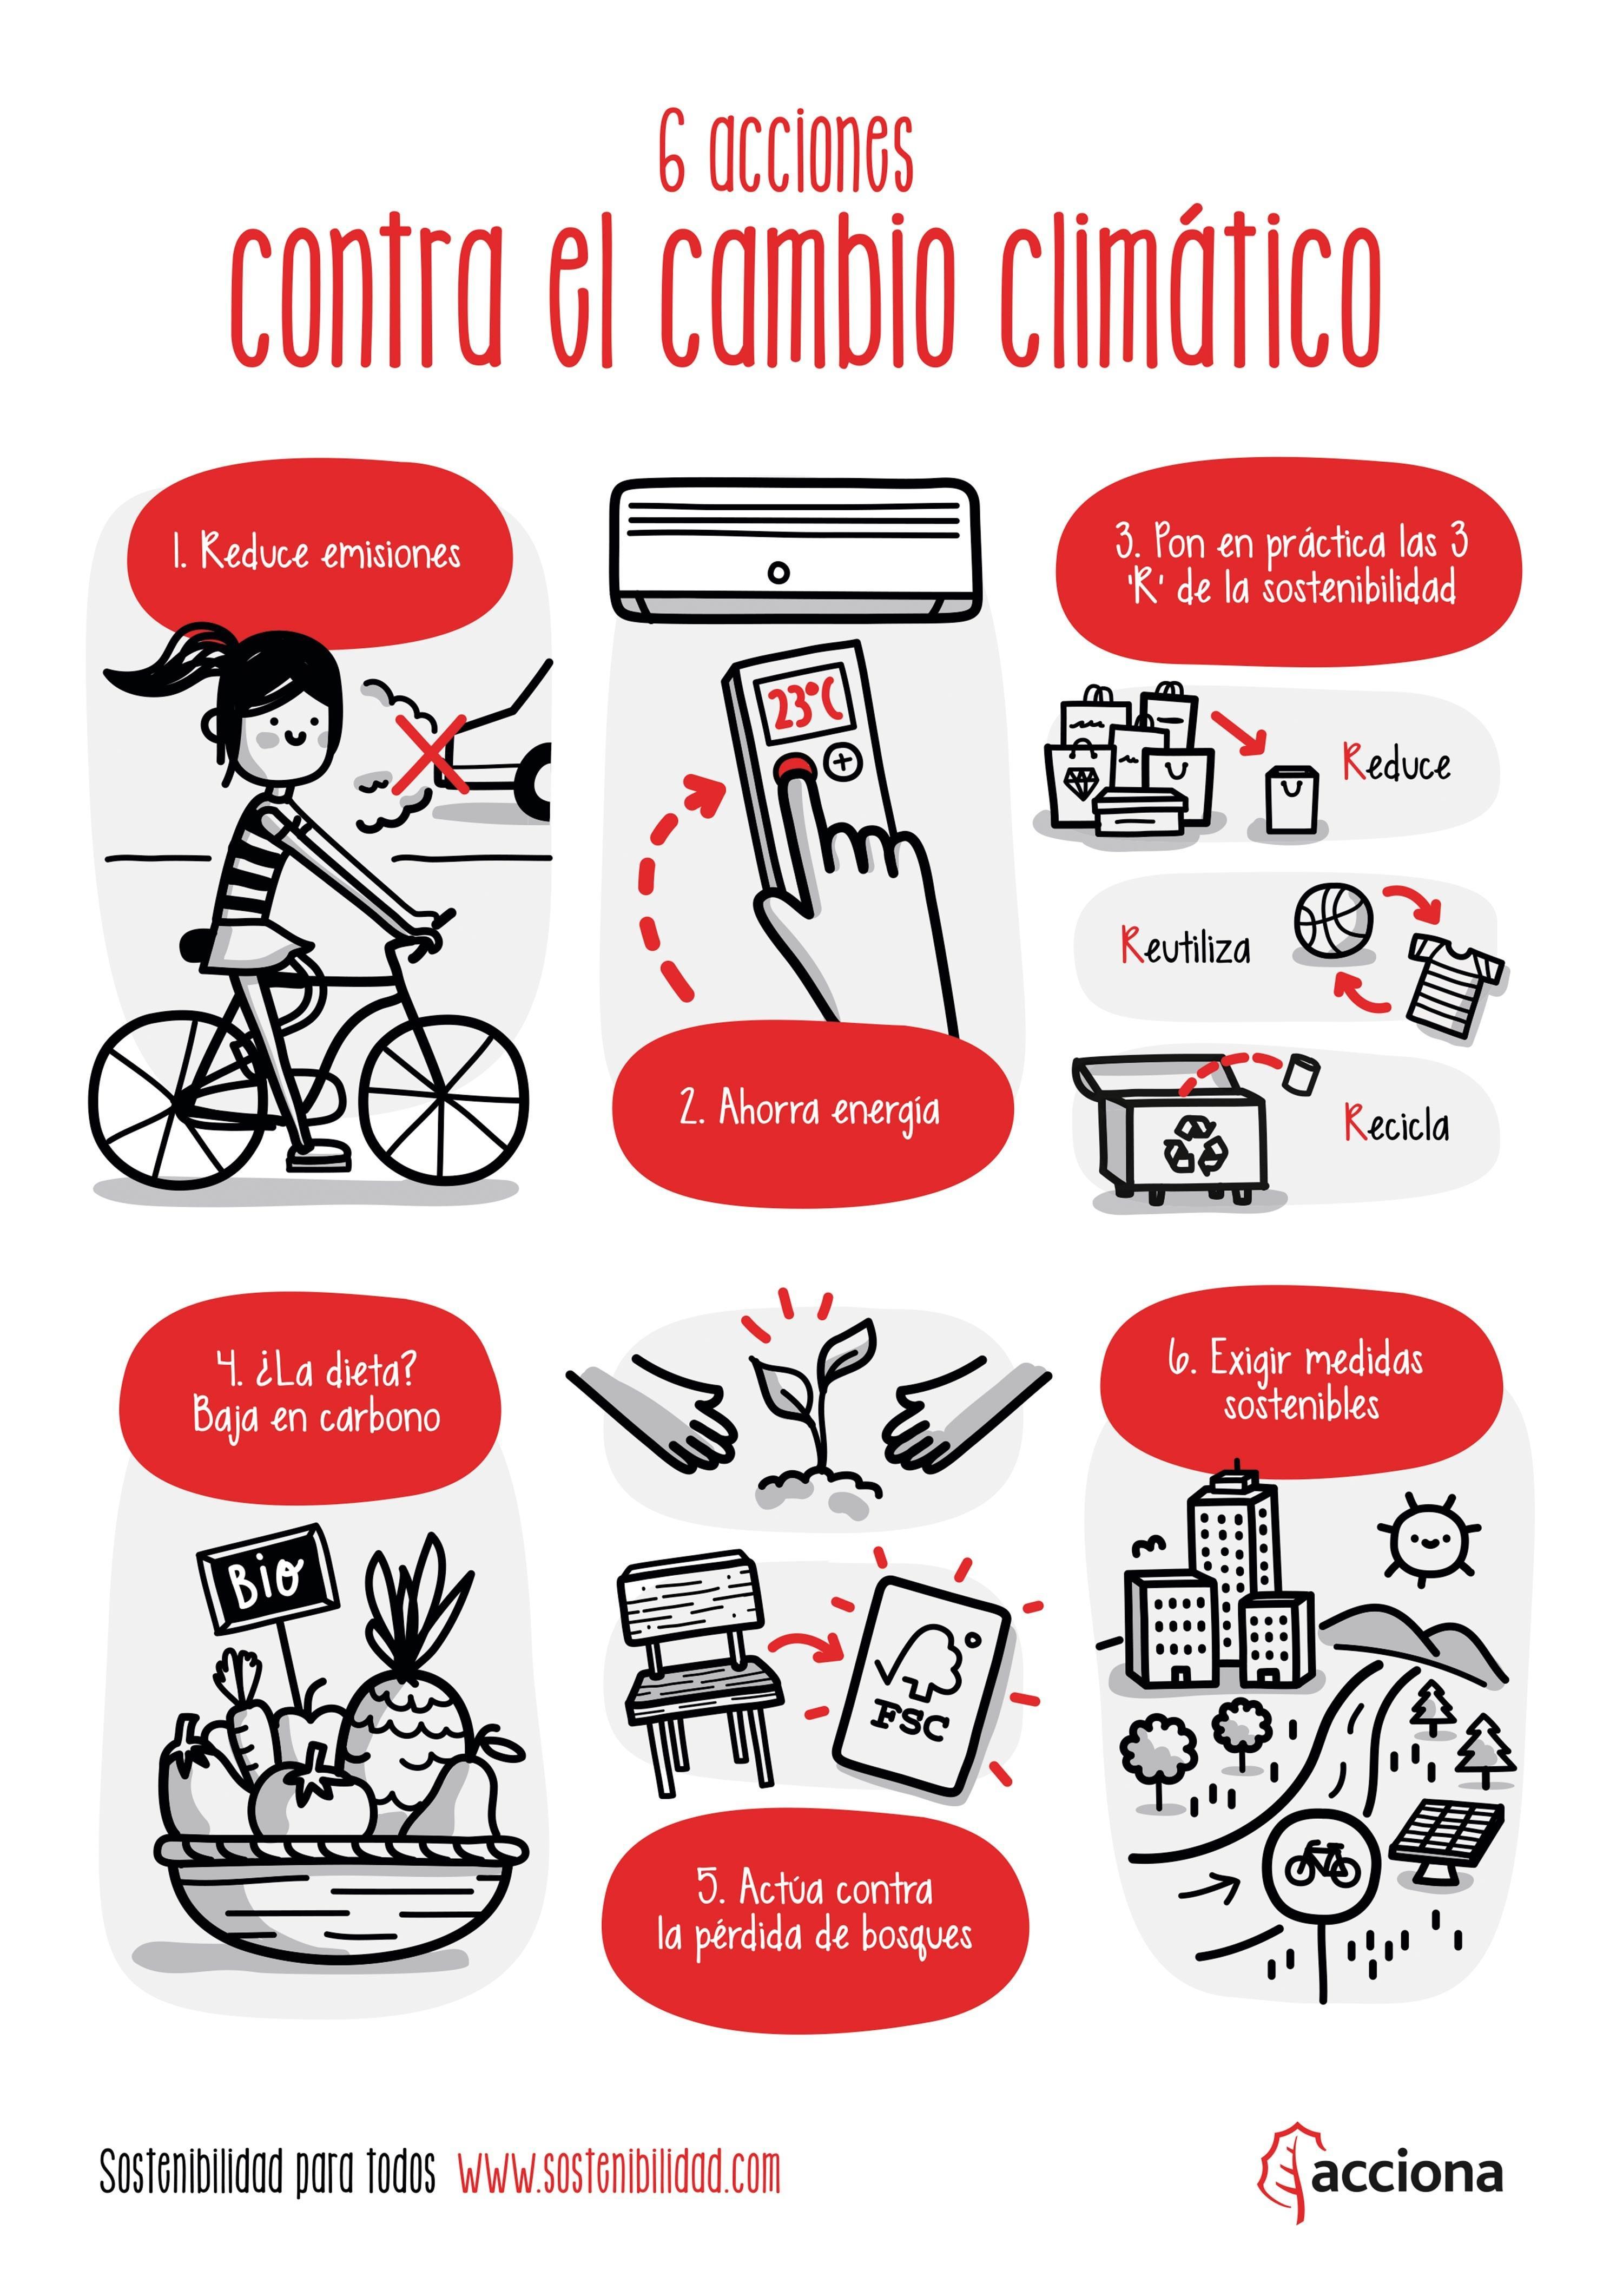 6 acciones contra el cambio